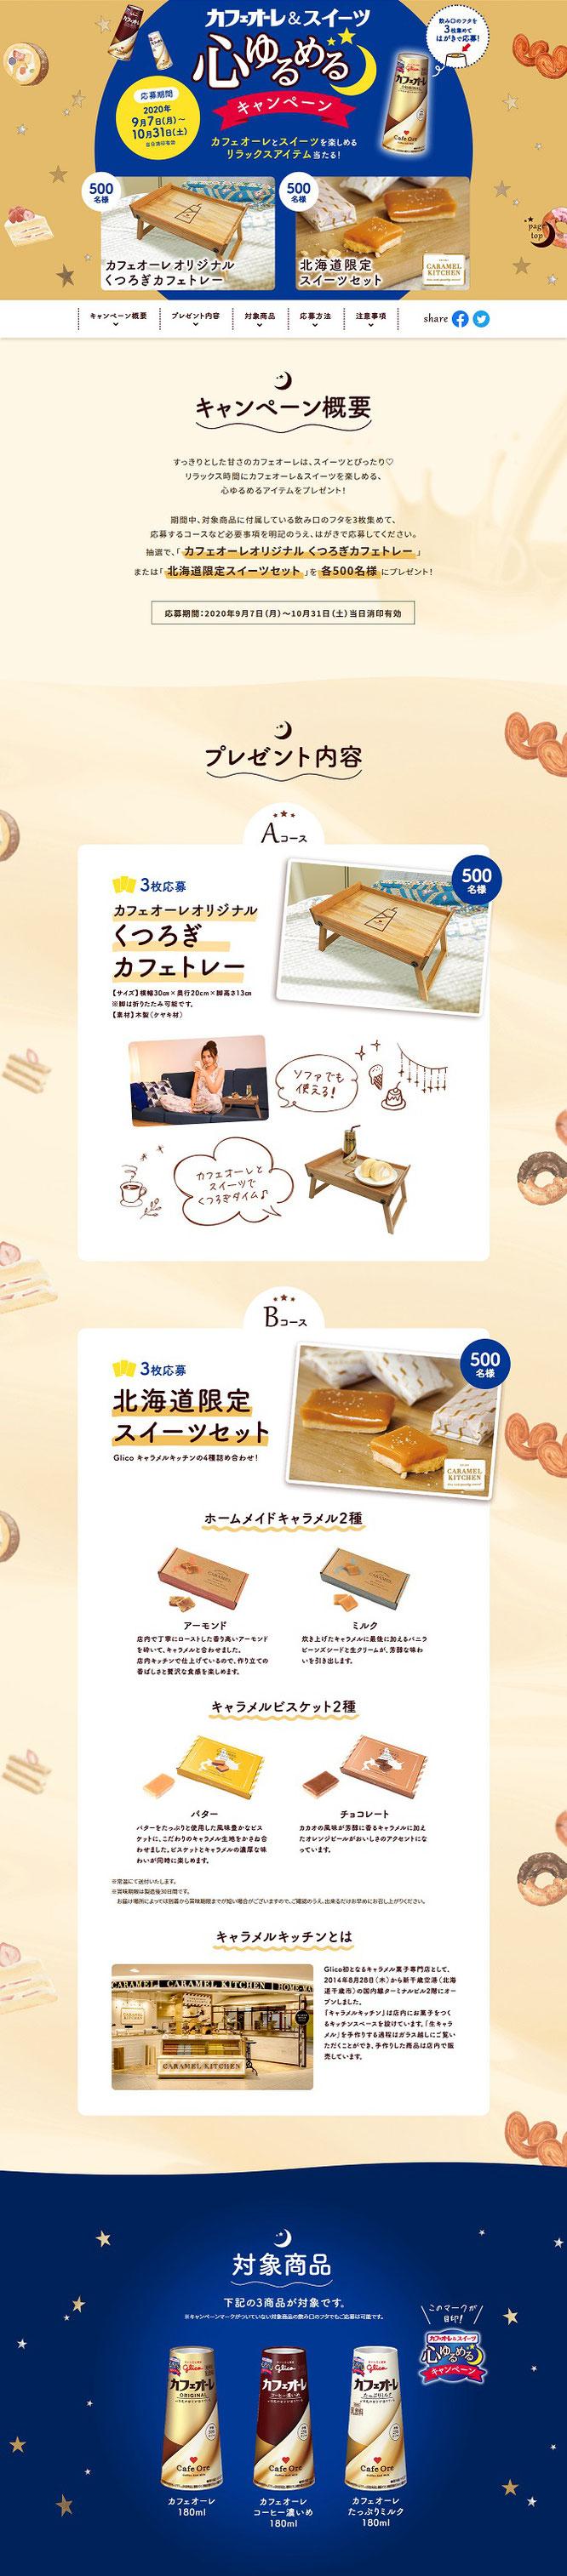 【グリコ】カフェオーレ&スイーツ 心ゆるめるキャンペーン